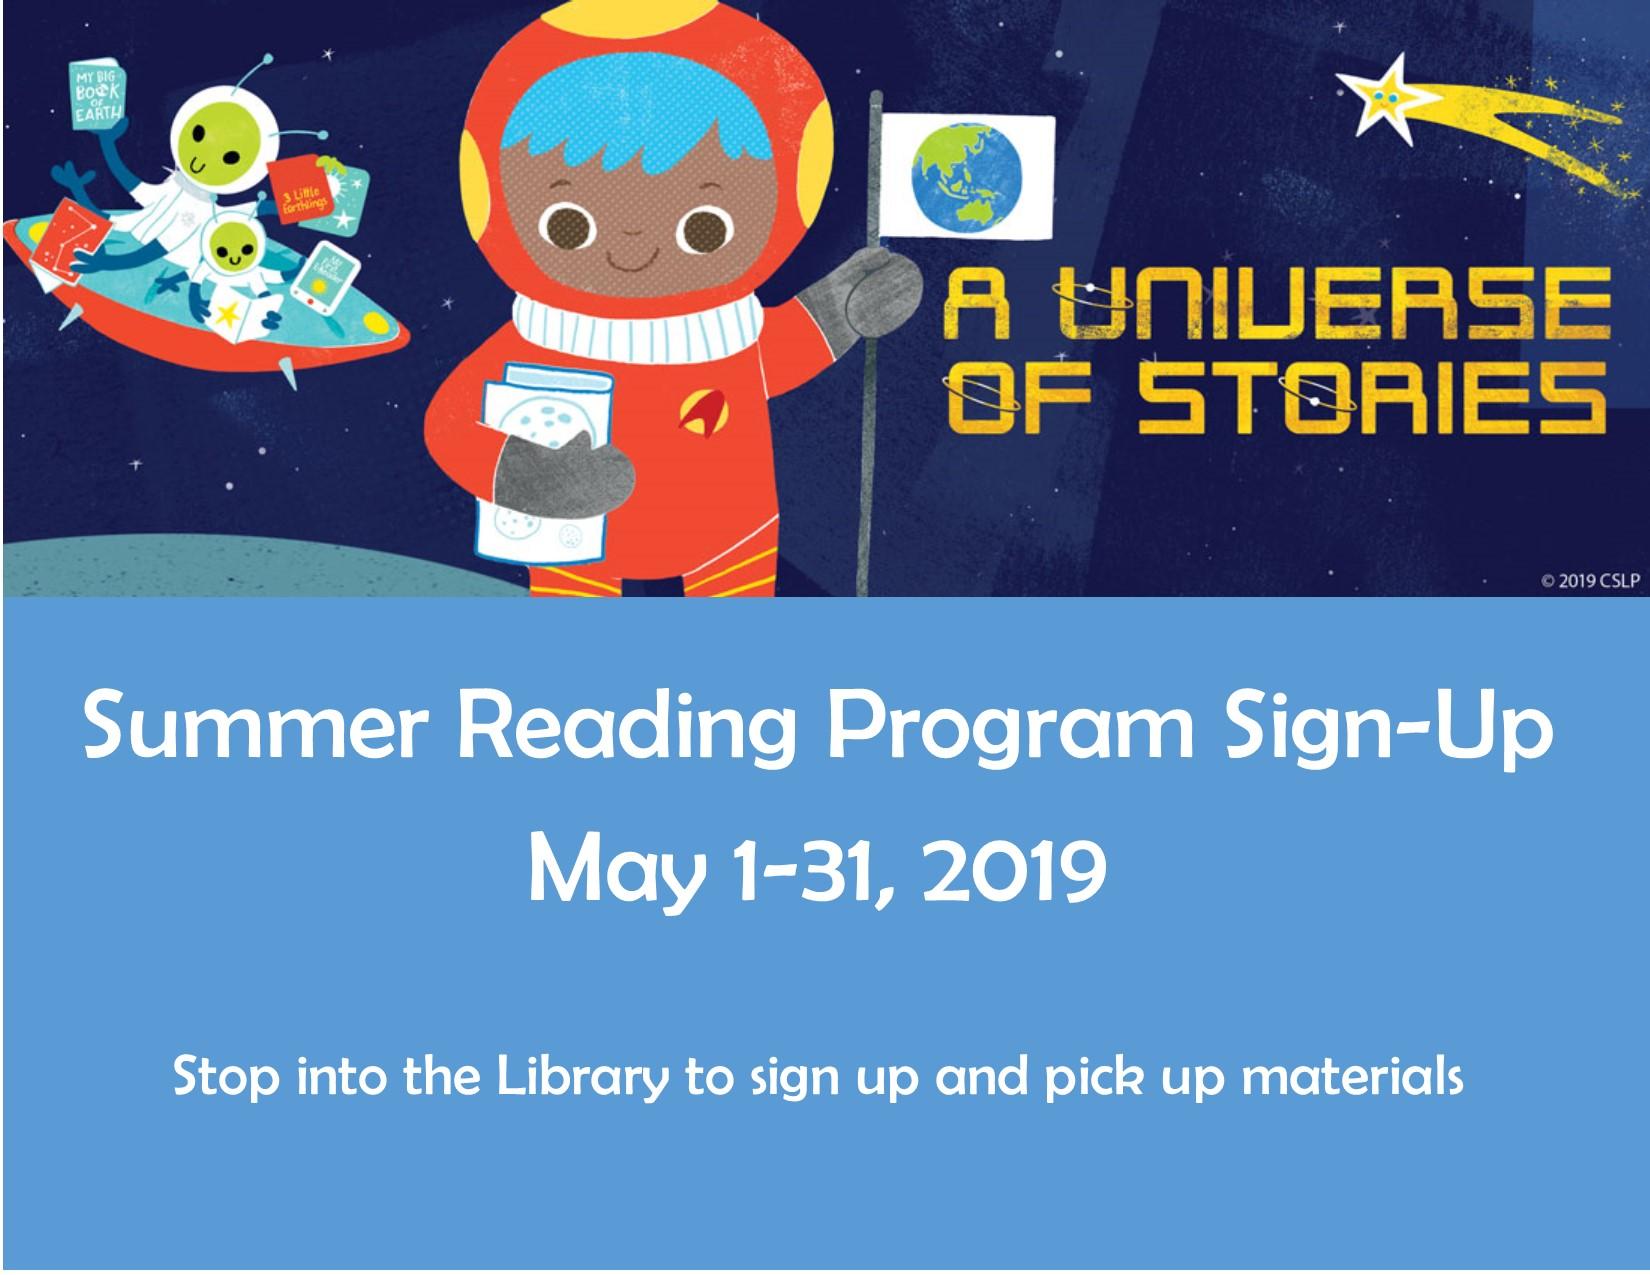 Summer Reading Program Sign-Up